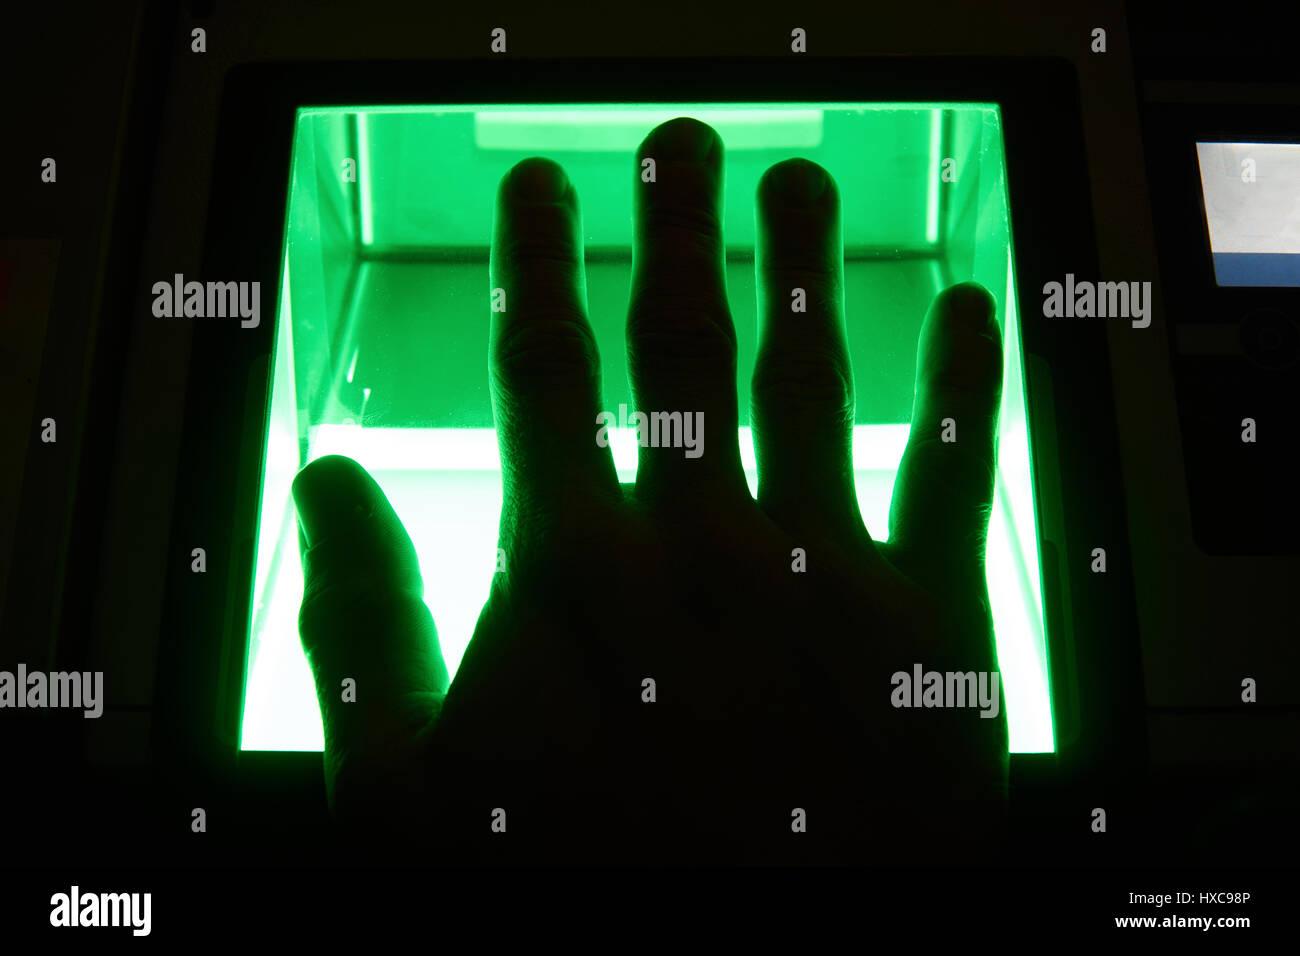 Escaneo de huellas digitales de seguridad cibernética Imagen De Stock